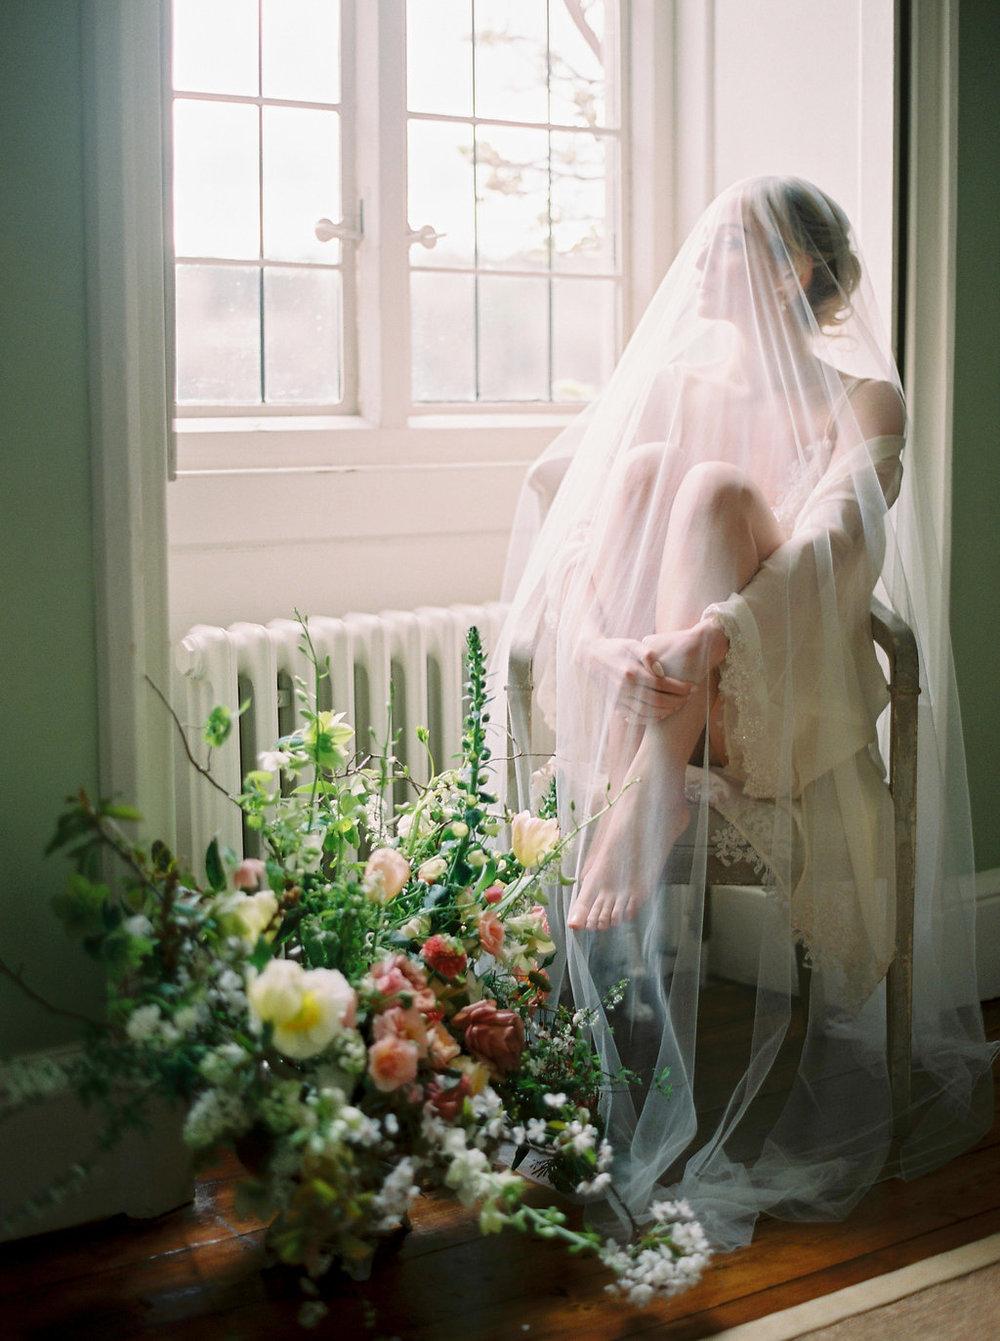 HotelEndsleighWeddingbyImogenXianaPhotography-199.jpg